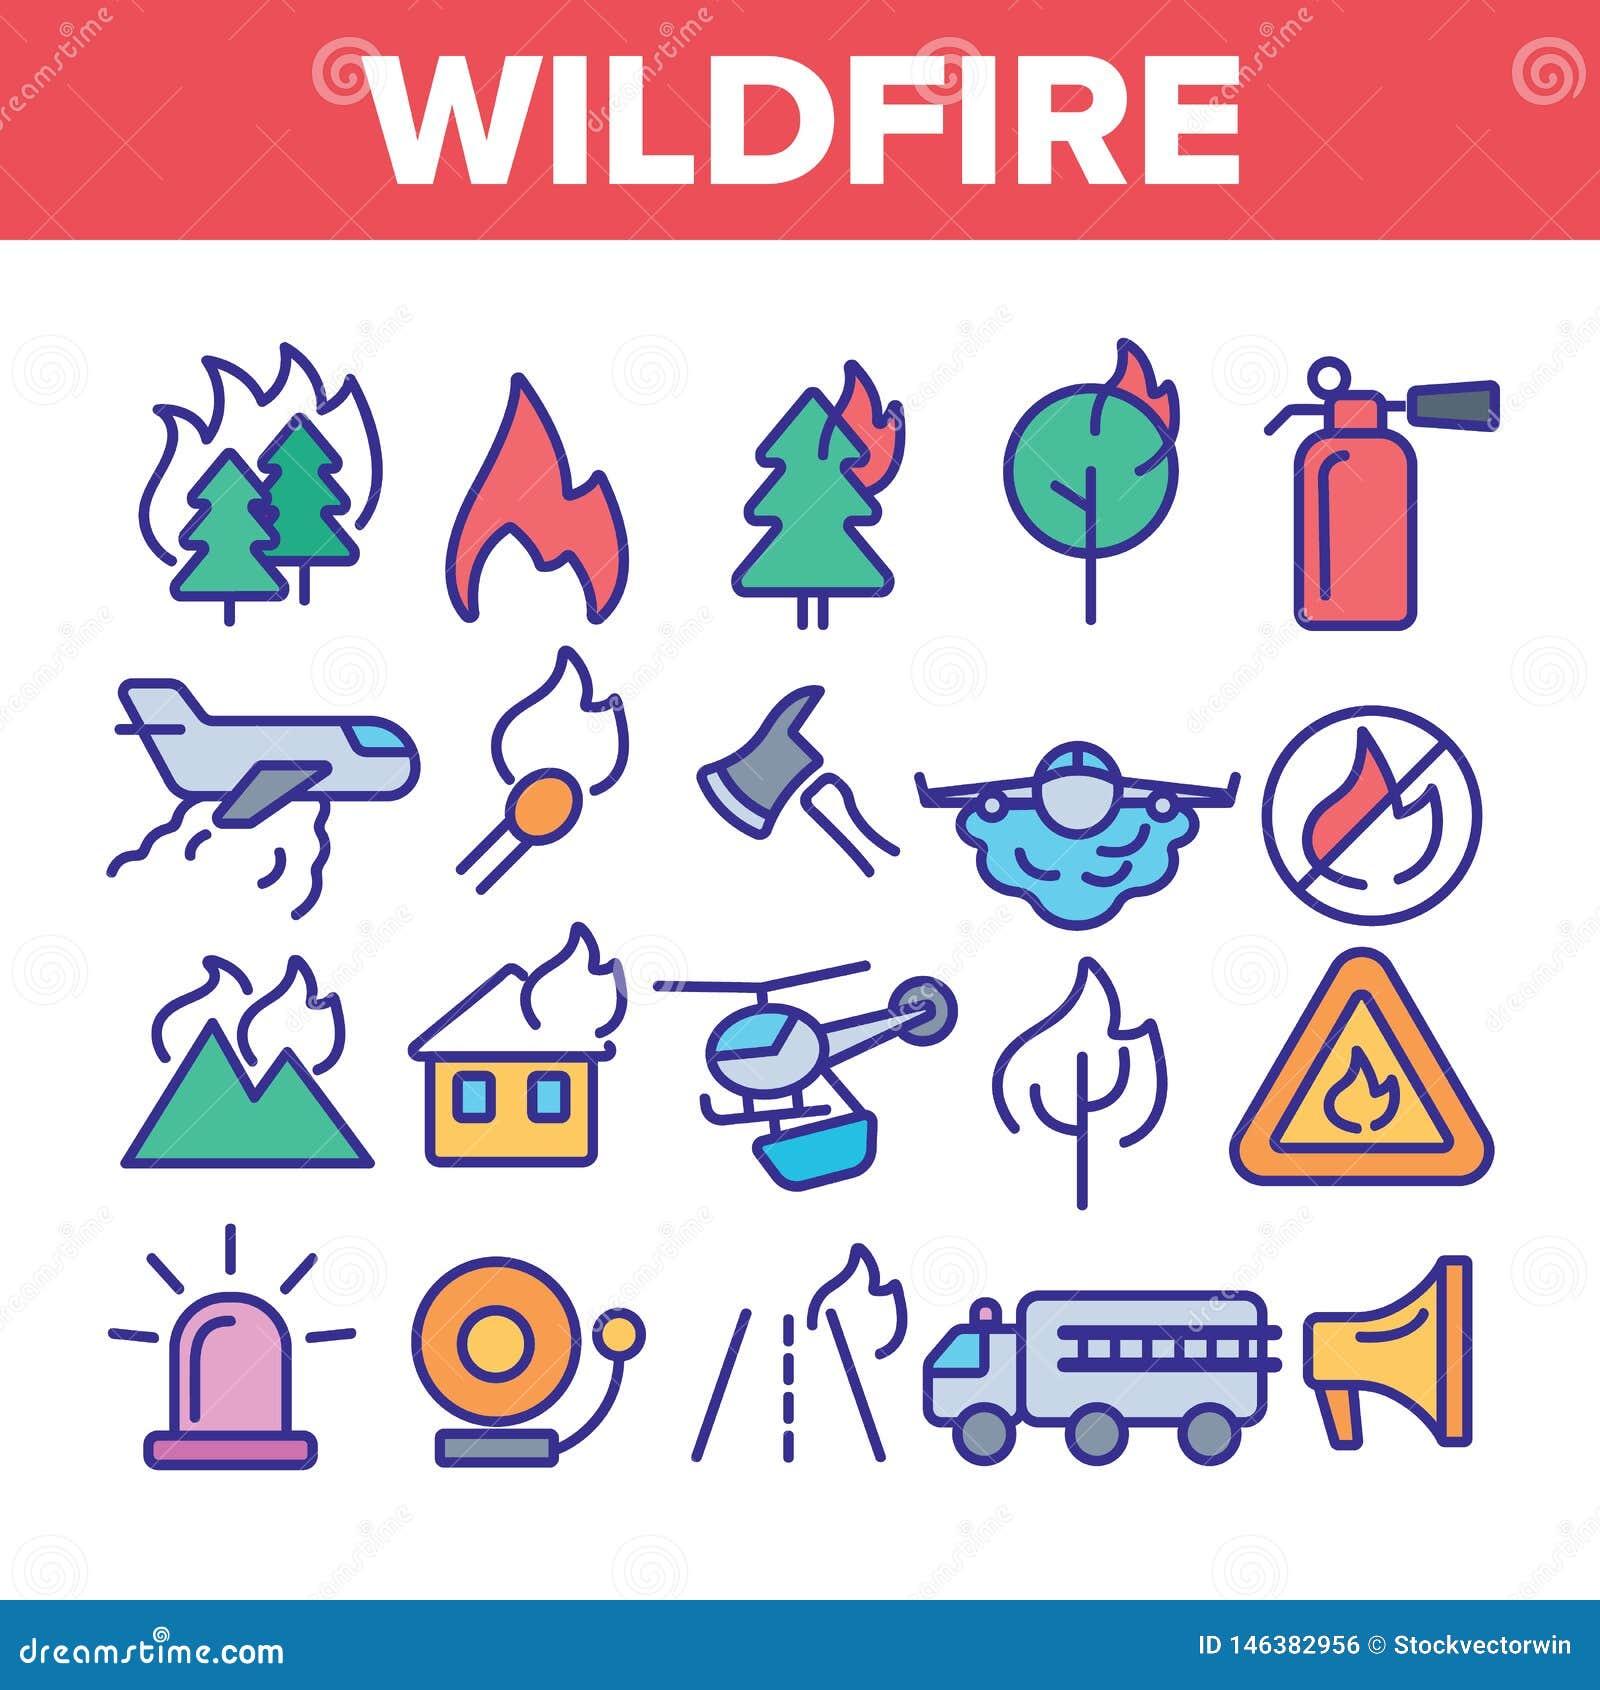 Wildfire, Vector Dunne Geplaatste de Lijnpictogrammen van Bushfire